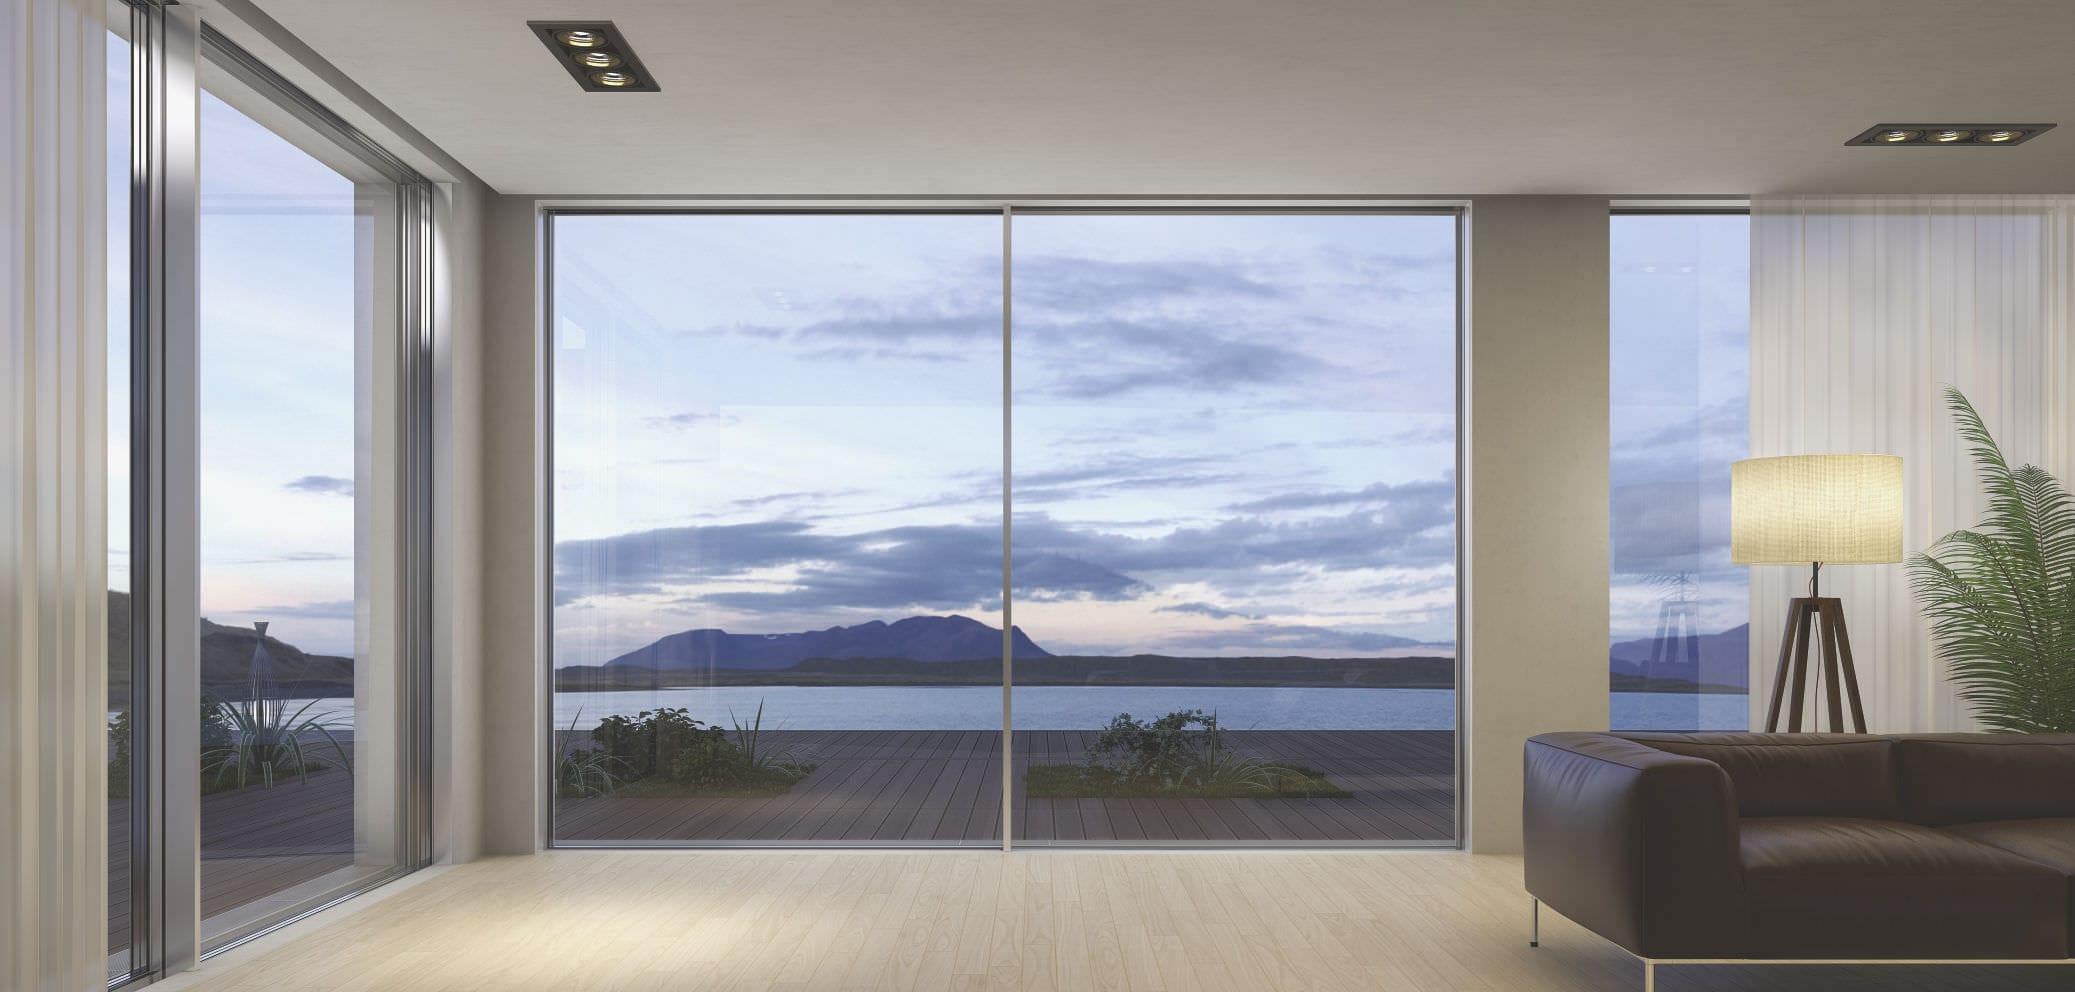 Elegant Sliding Patio Door / Aluminum / Triple Glazed   FLUO